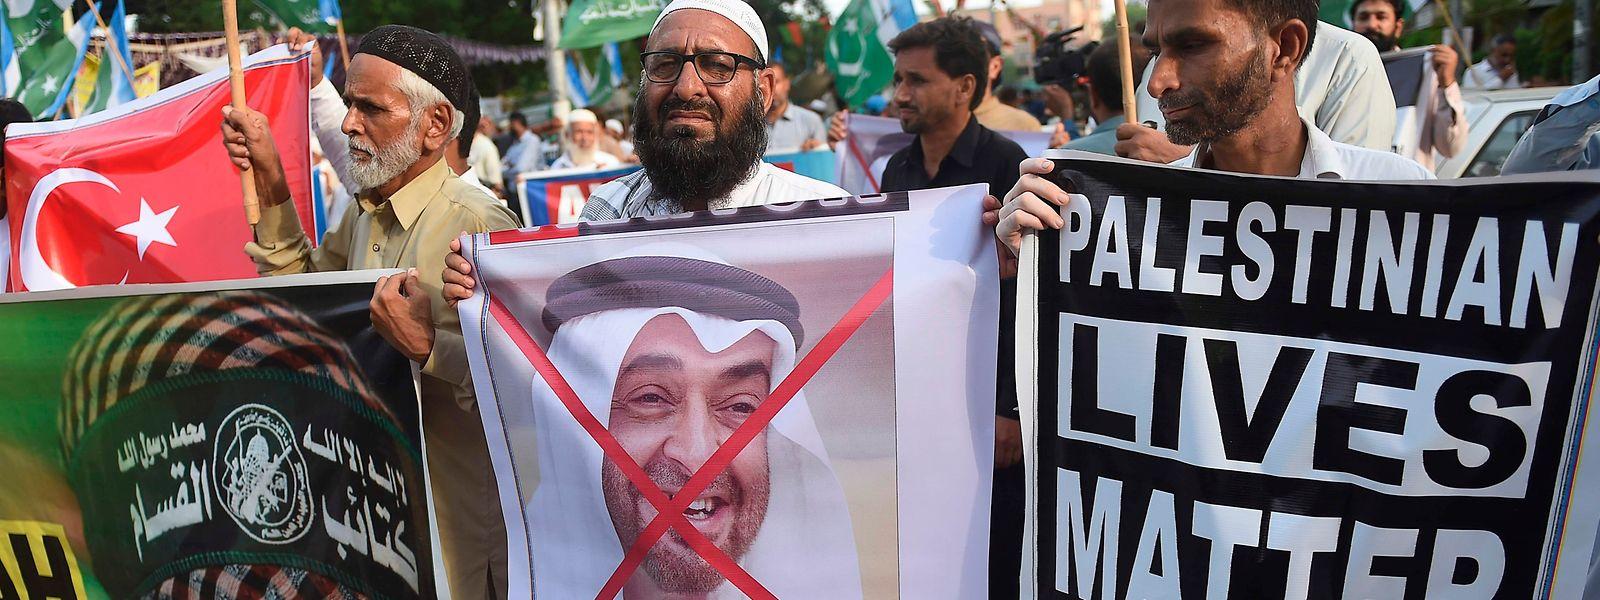 In der islamischen Welt wird der Friedensschluss mit Israel von vielen als Verrat der Vereinigten Arabischen Emirate an der Sache der Palästinenser gesehen.